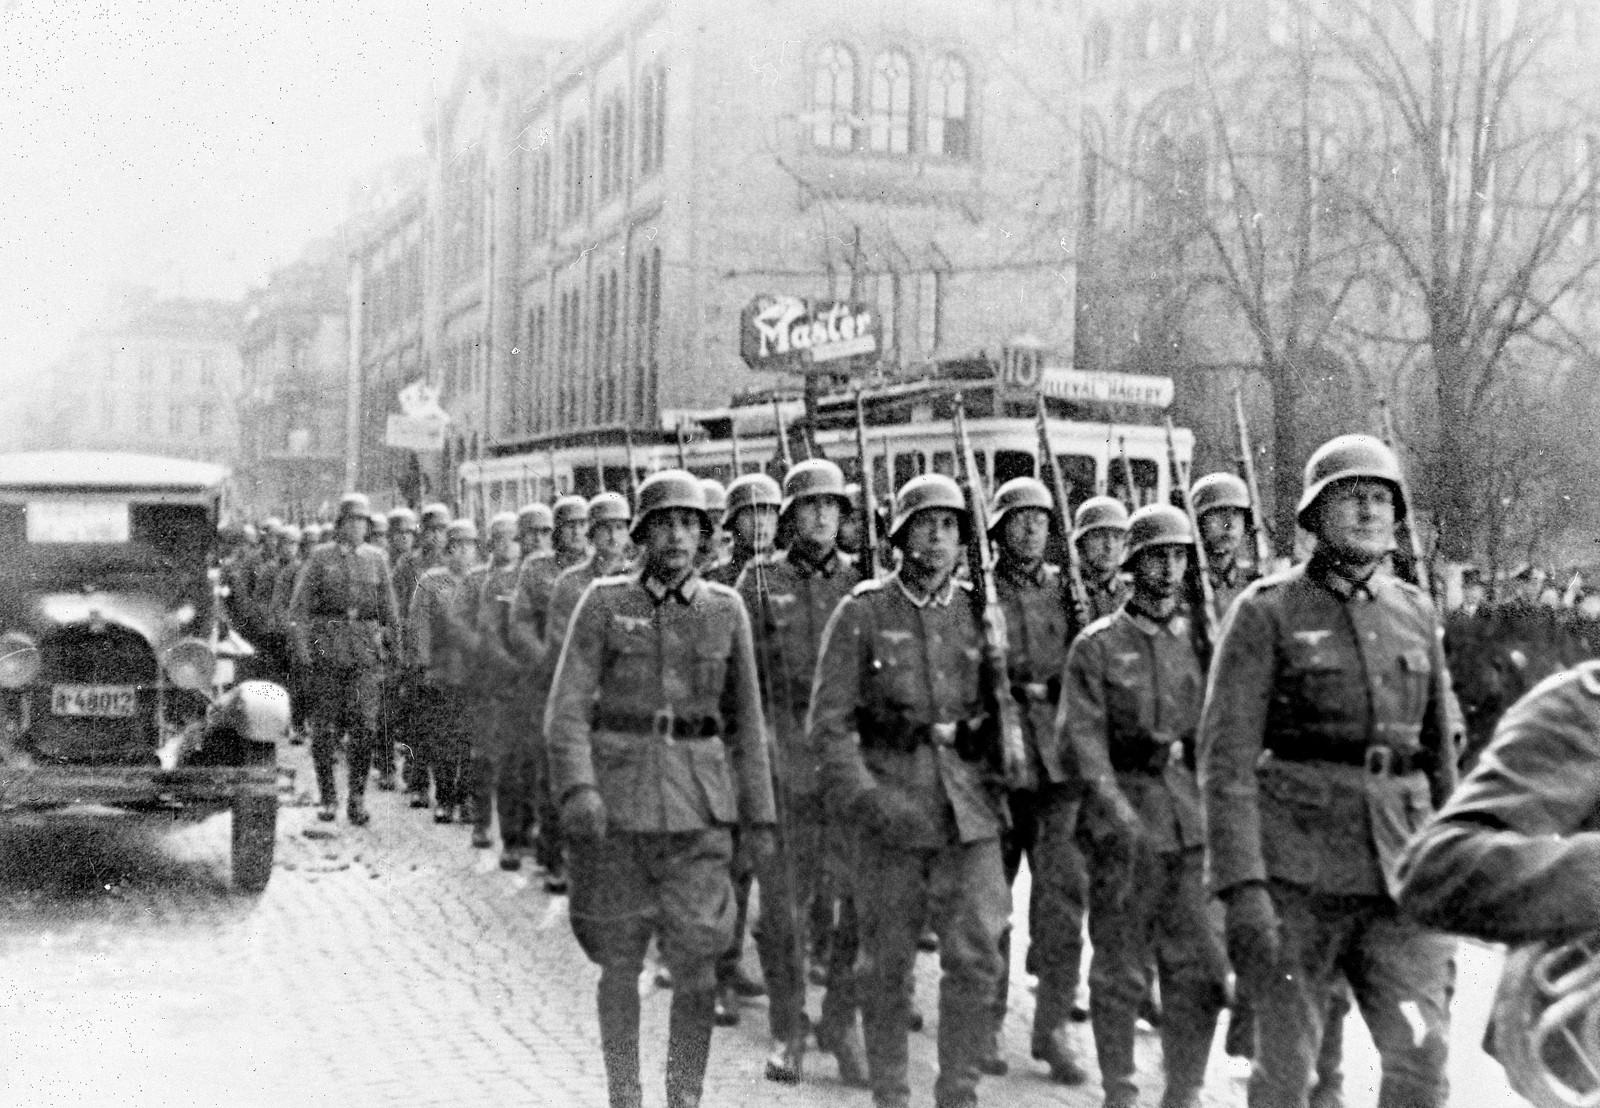 Tyske tropper marsjerer på Karl Johans gate.